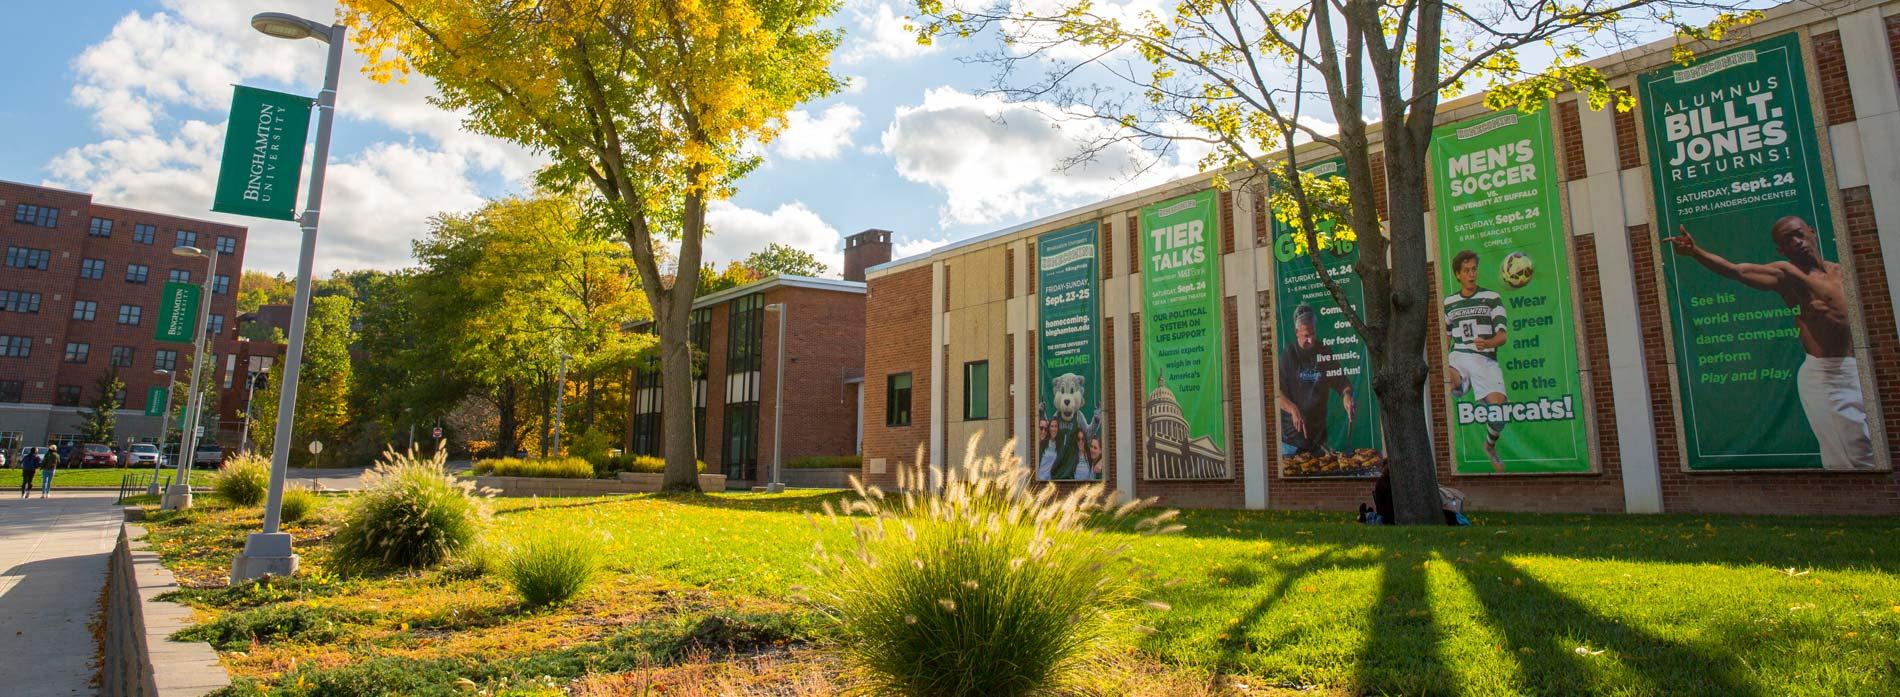 Binghamton university channel guide.